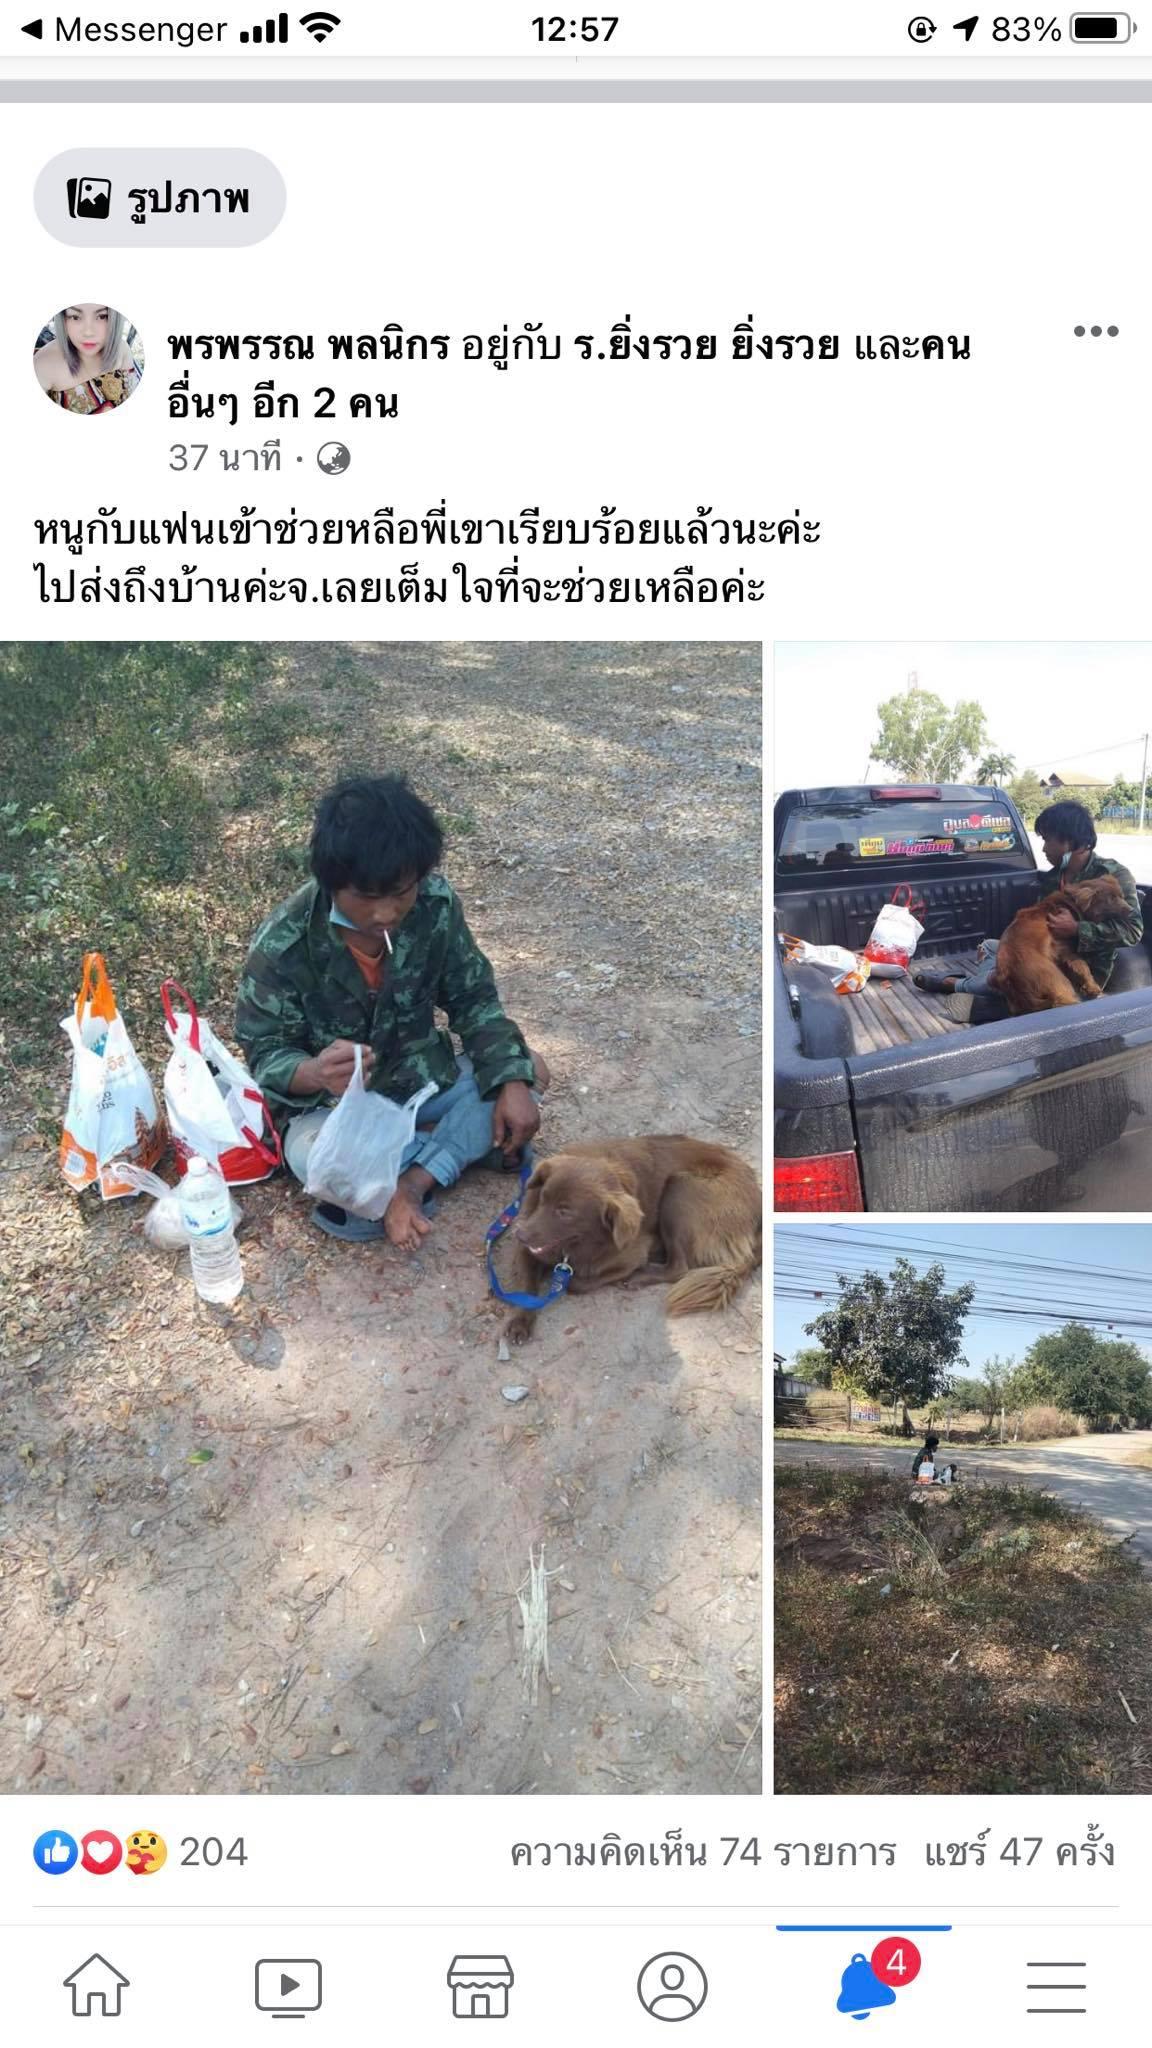 Dogilike.com :: หนุ่มตกงาน แบกน้องหมาเดินทางไกลกลับบ้านที่เมืองเลย